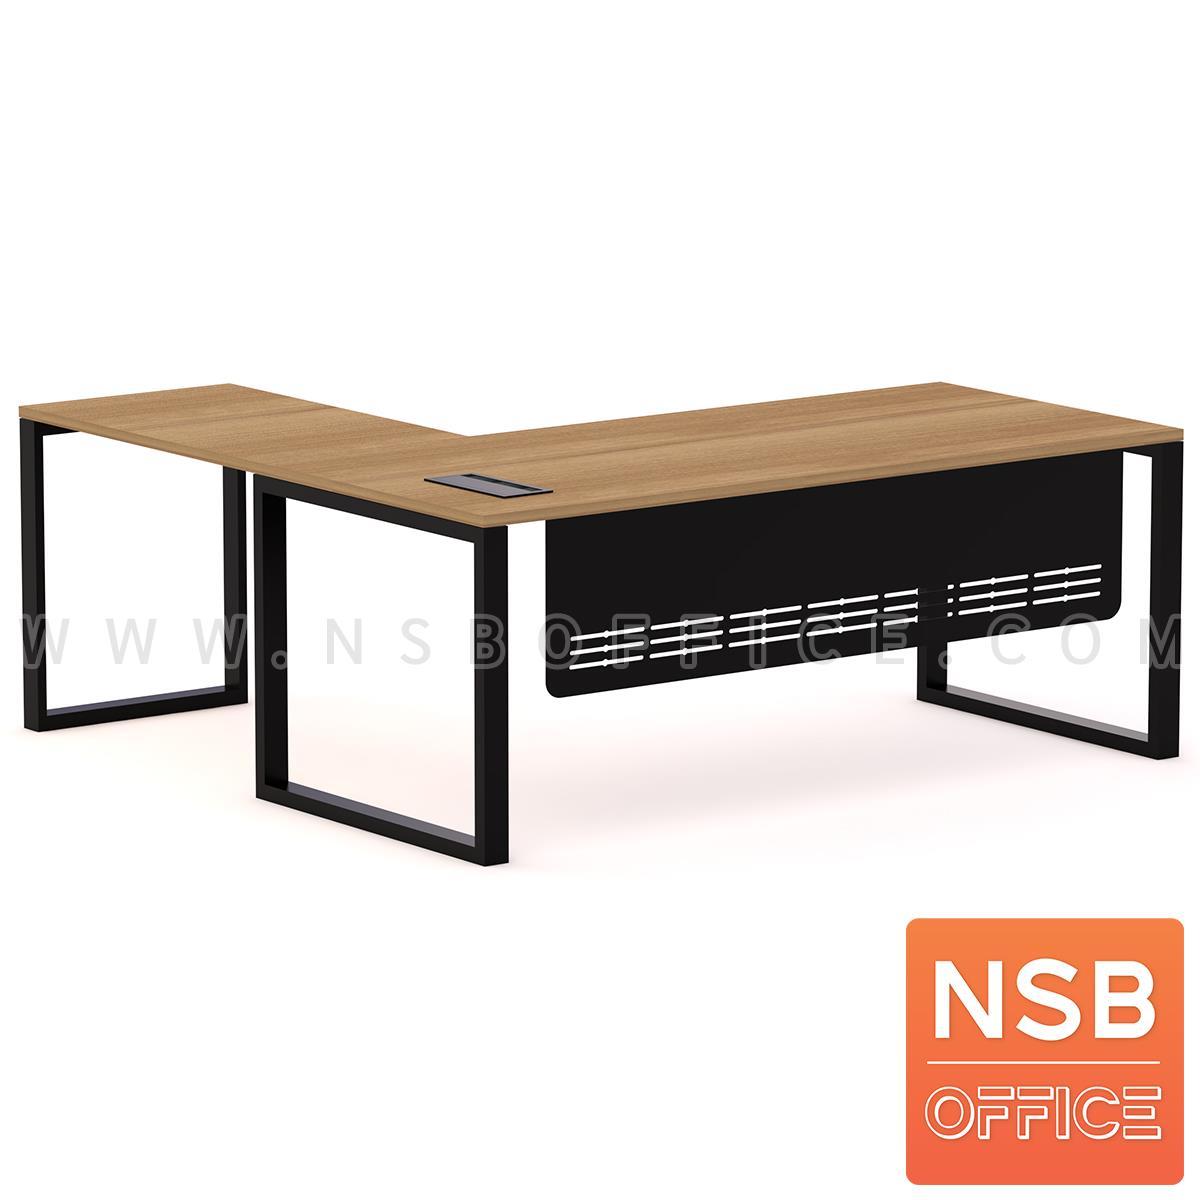 A30A038:โต๊ะทำงานผู้บริหารตัวแอล รุ่น Henery (เฮนเนอรี) ขนาด 200W1*190W2 cm. บังตาเหล็ก